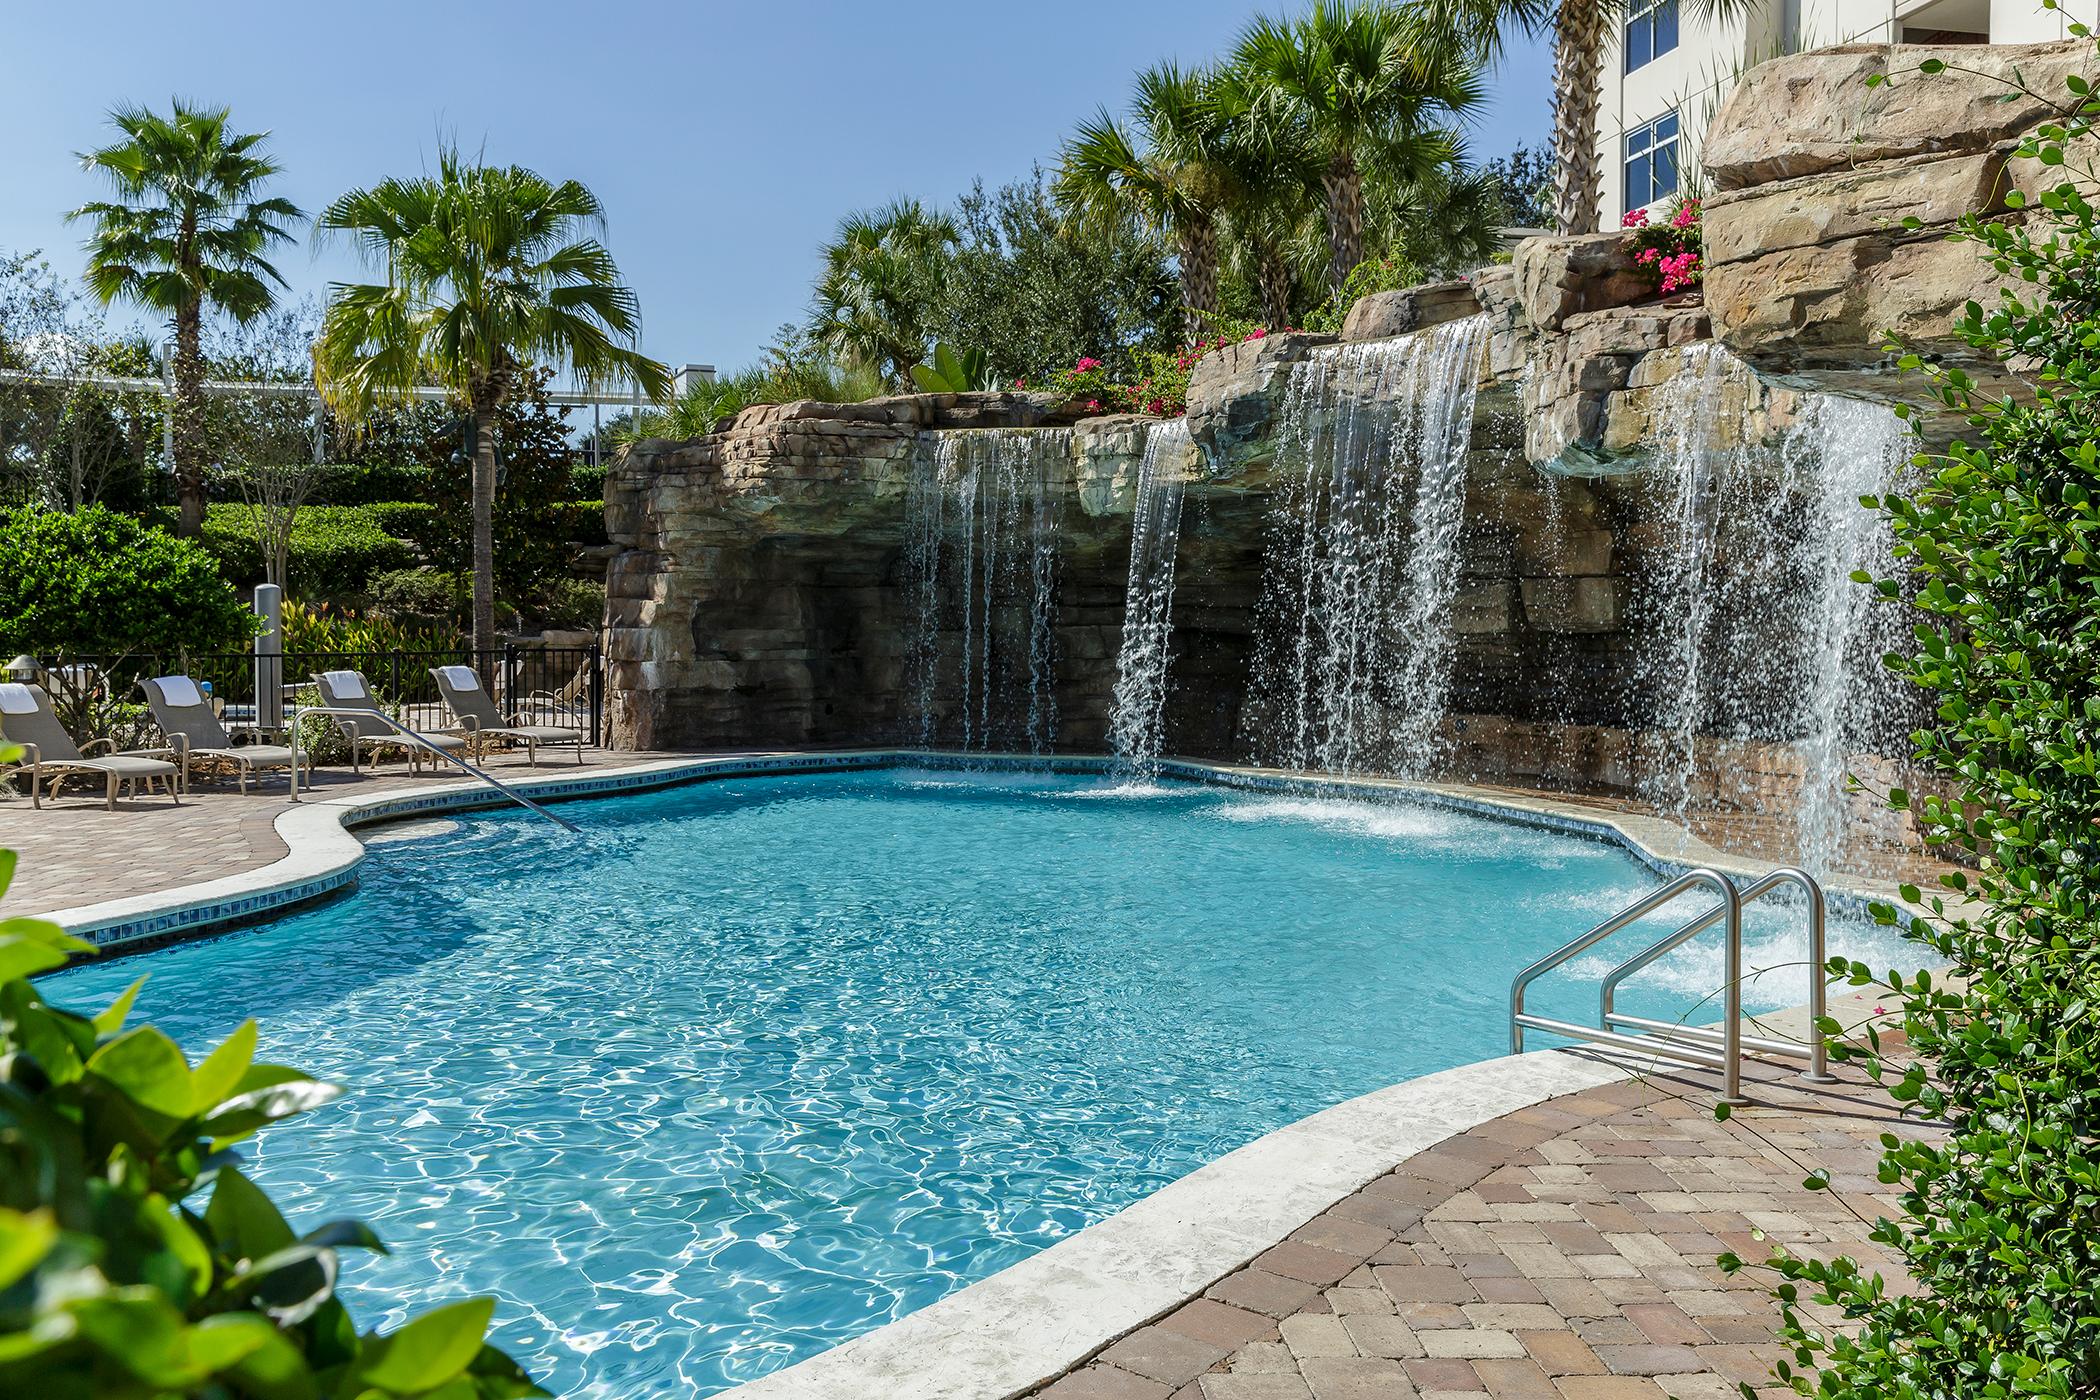 Hyatt Regency Orlando pool